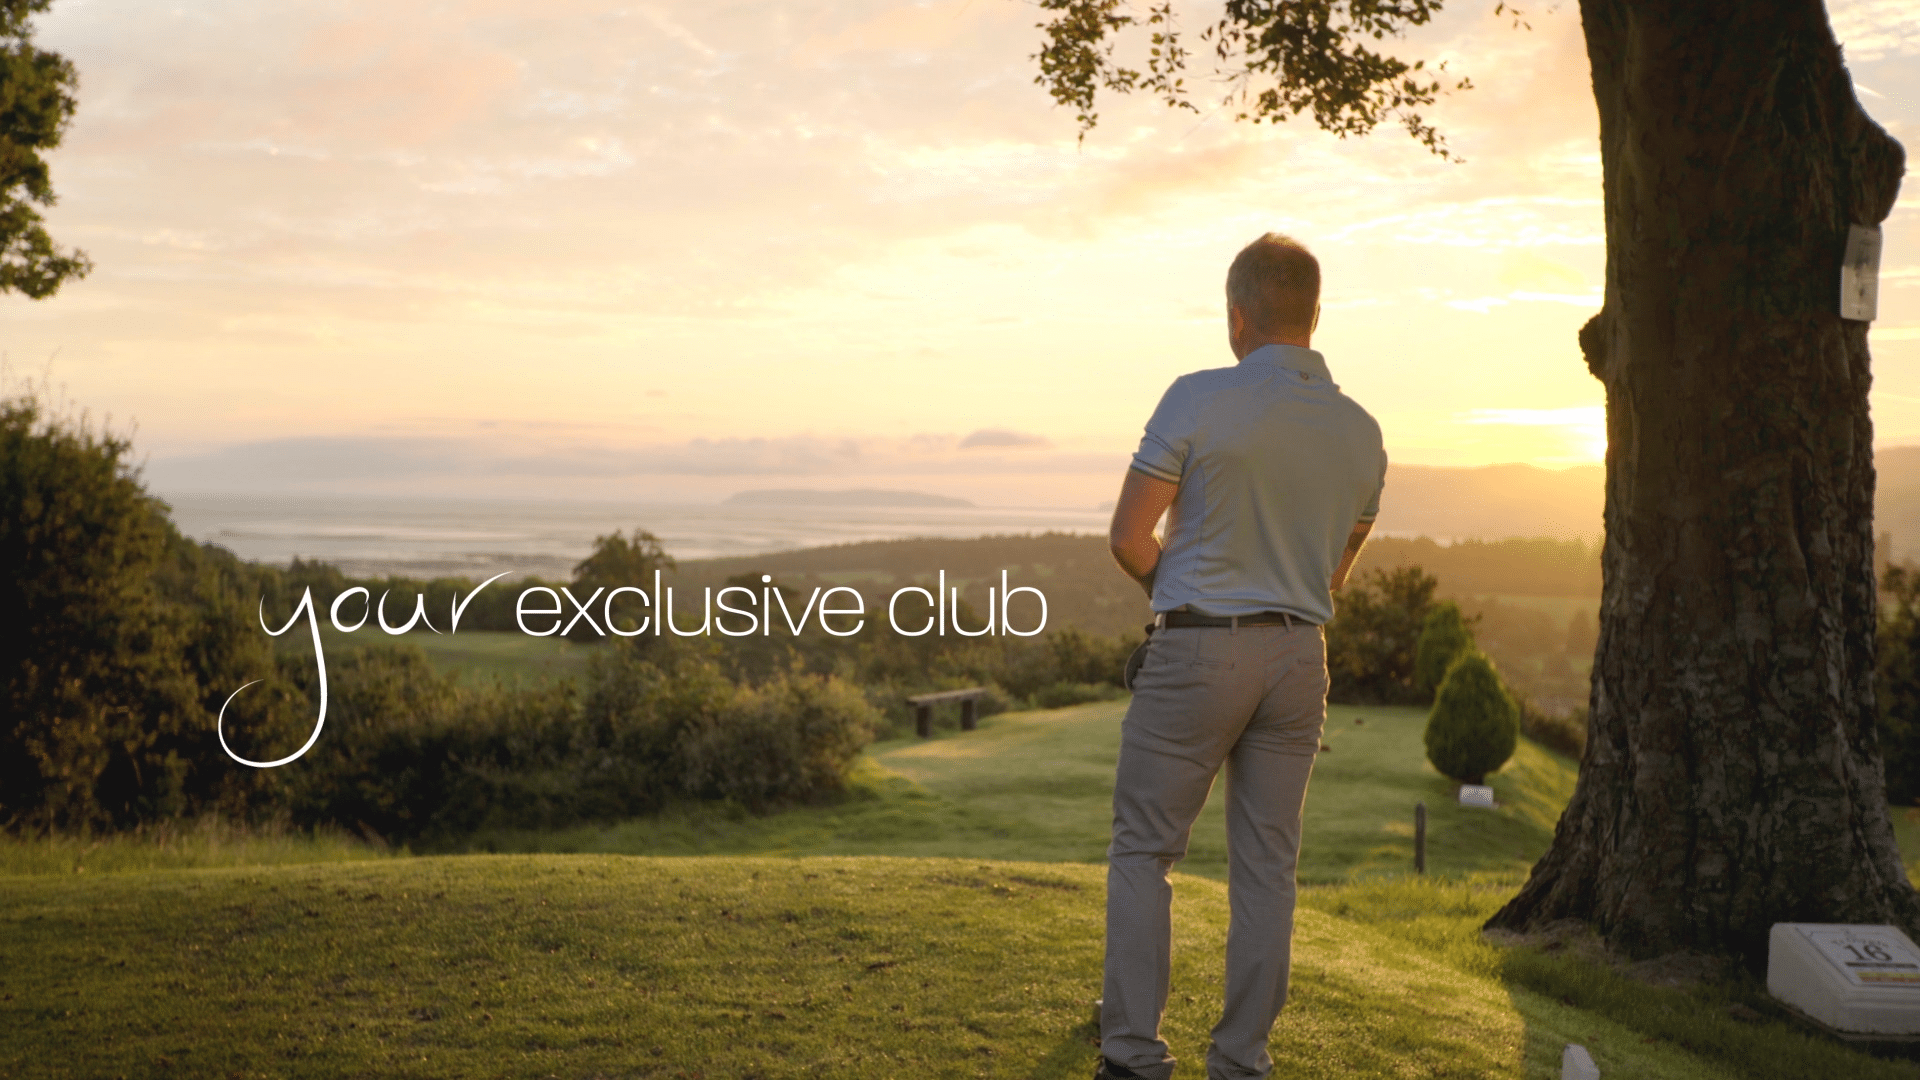 Premium Luxury Brand Film - golfer overlooking course